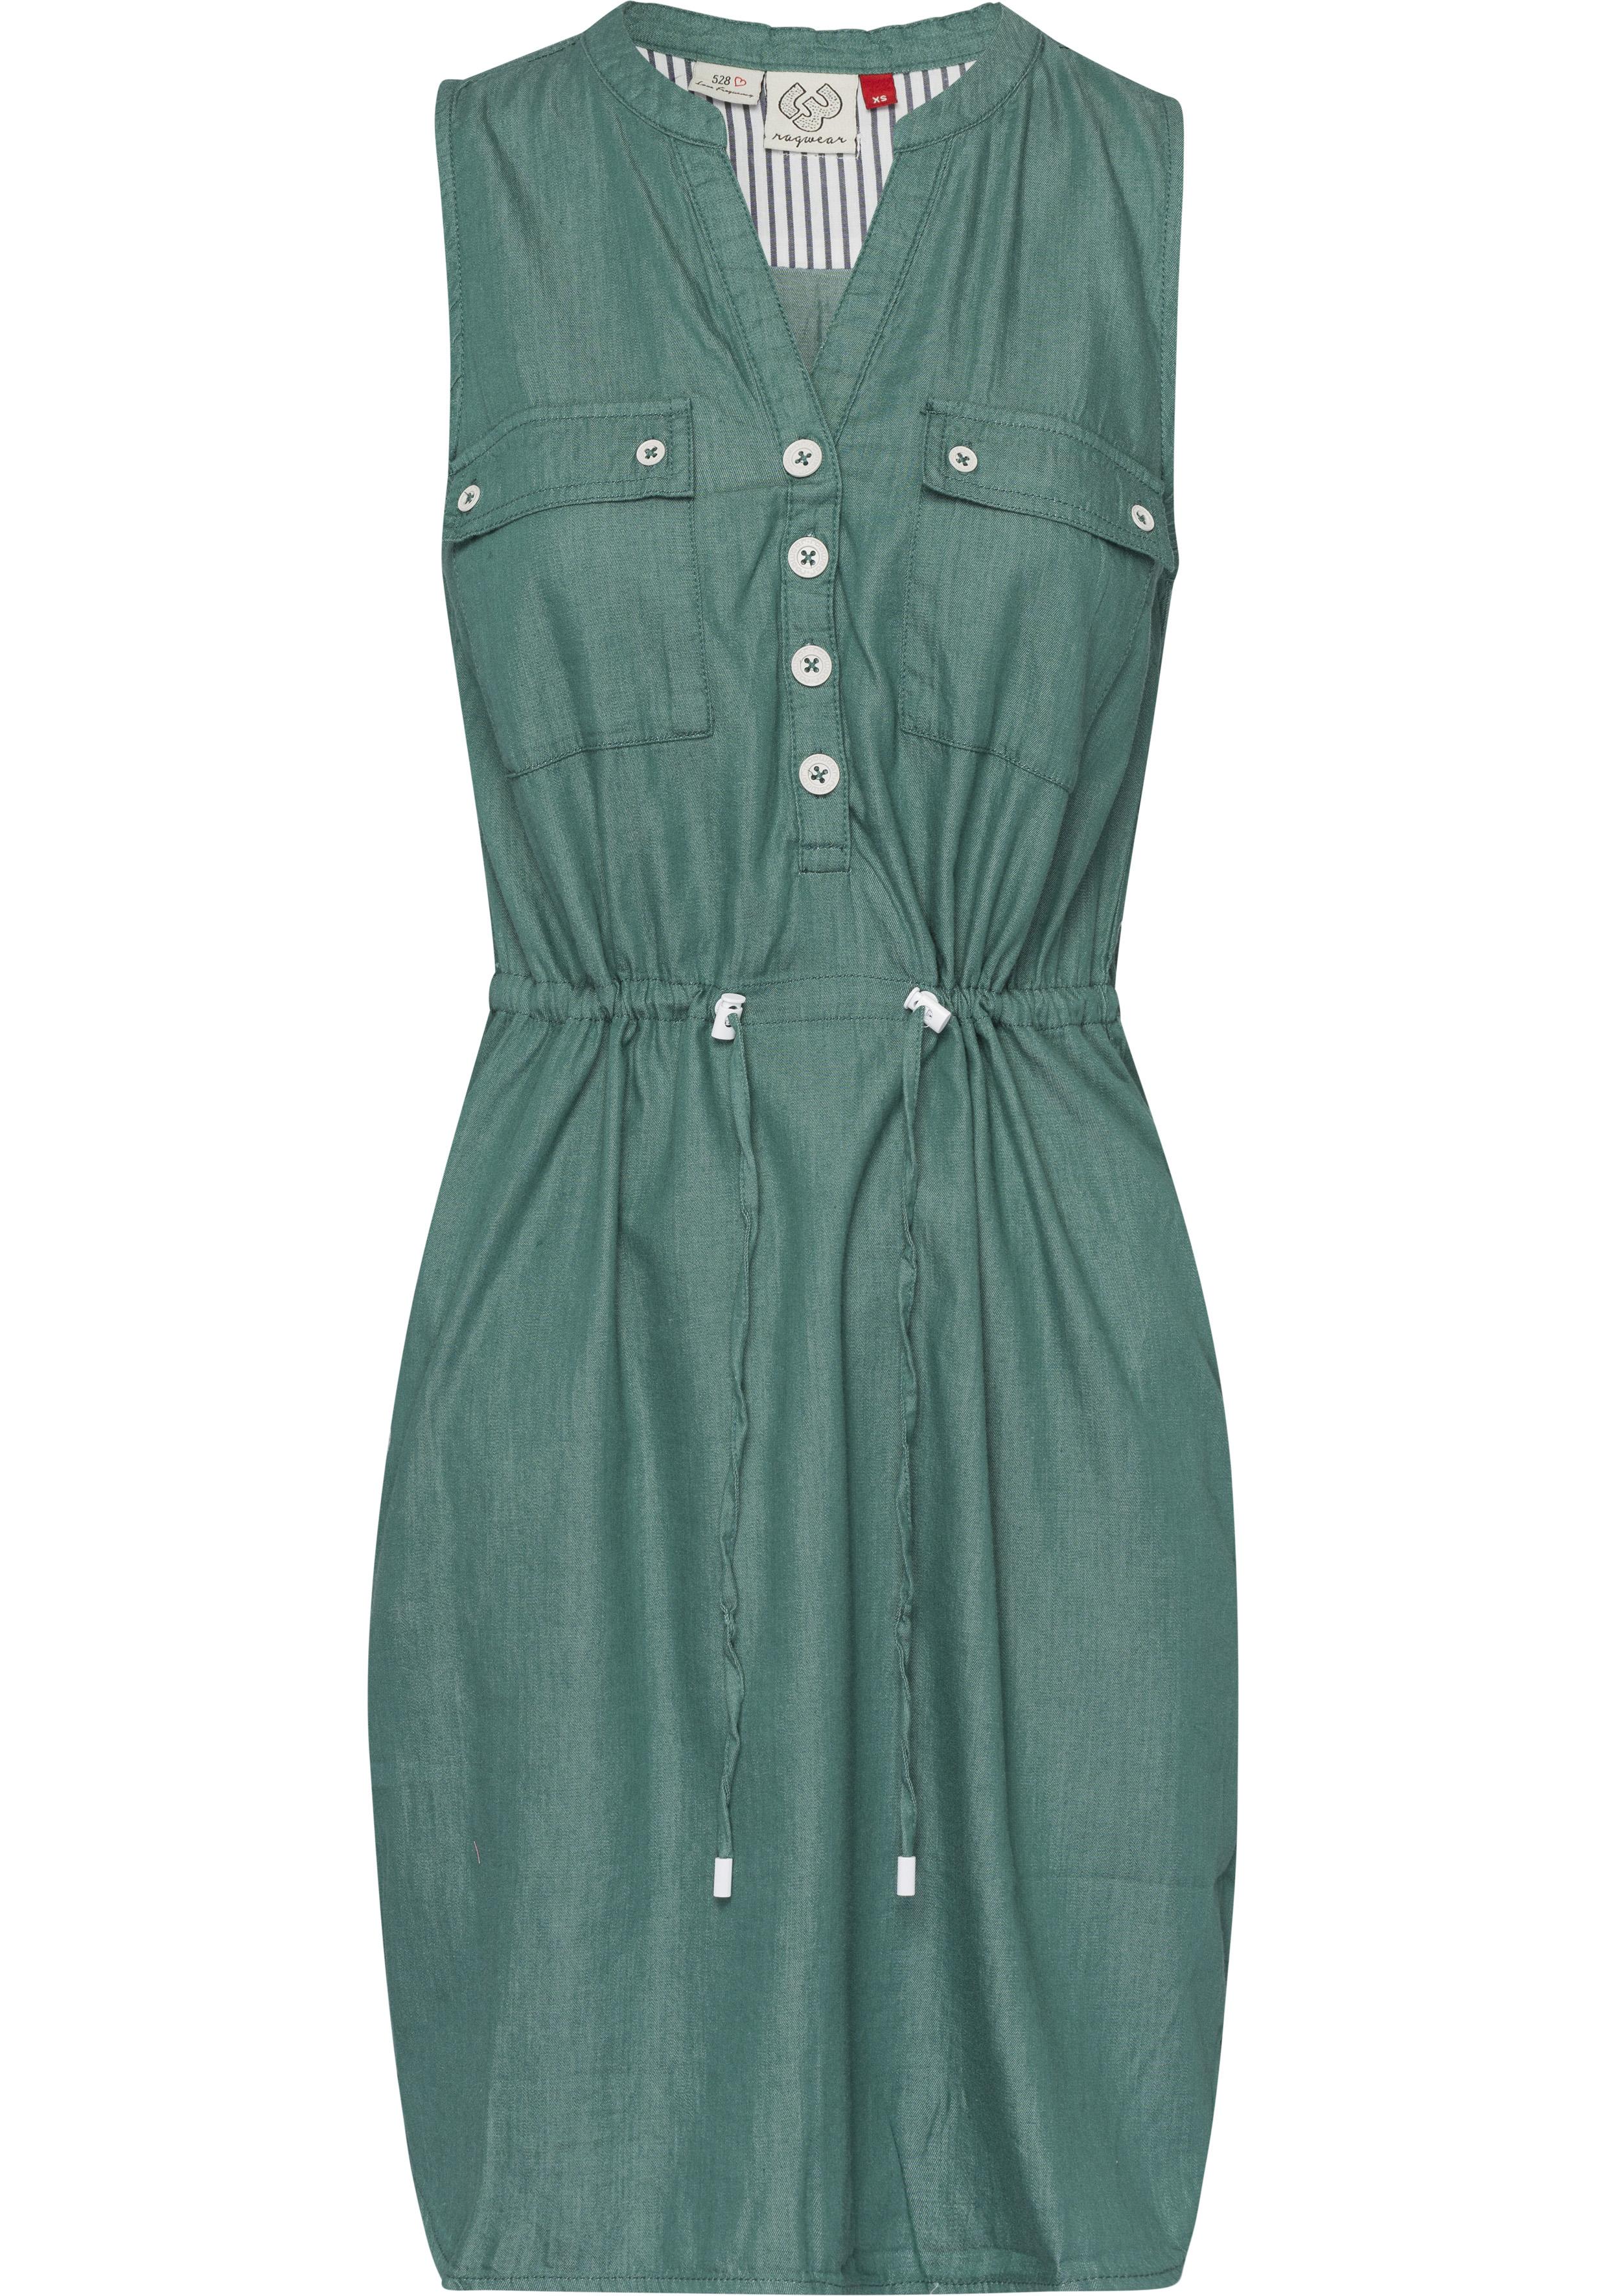 ragwear -  Jeanskleid ROISIN DENIM, in Denim-Look